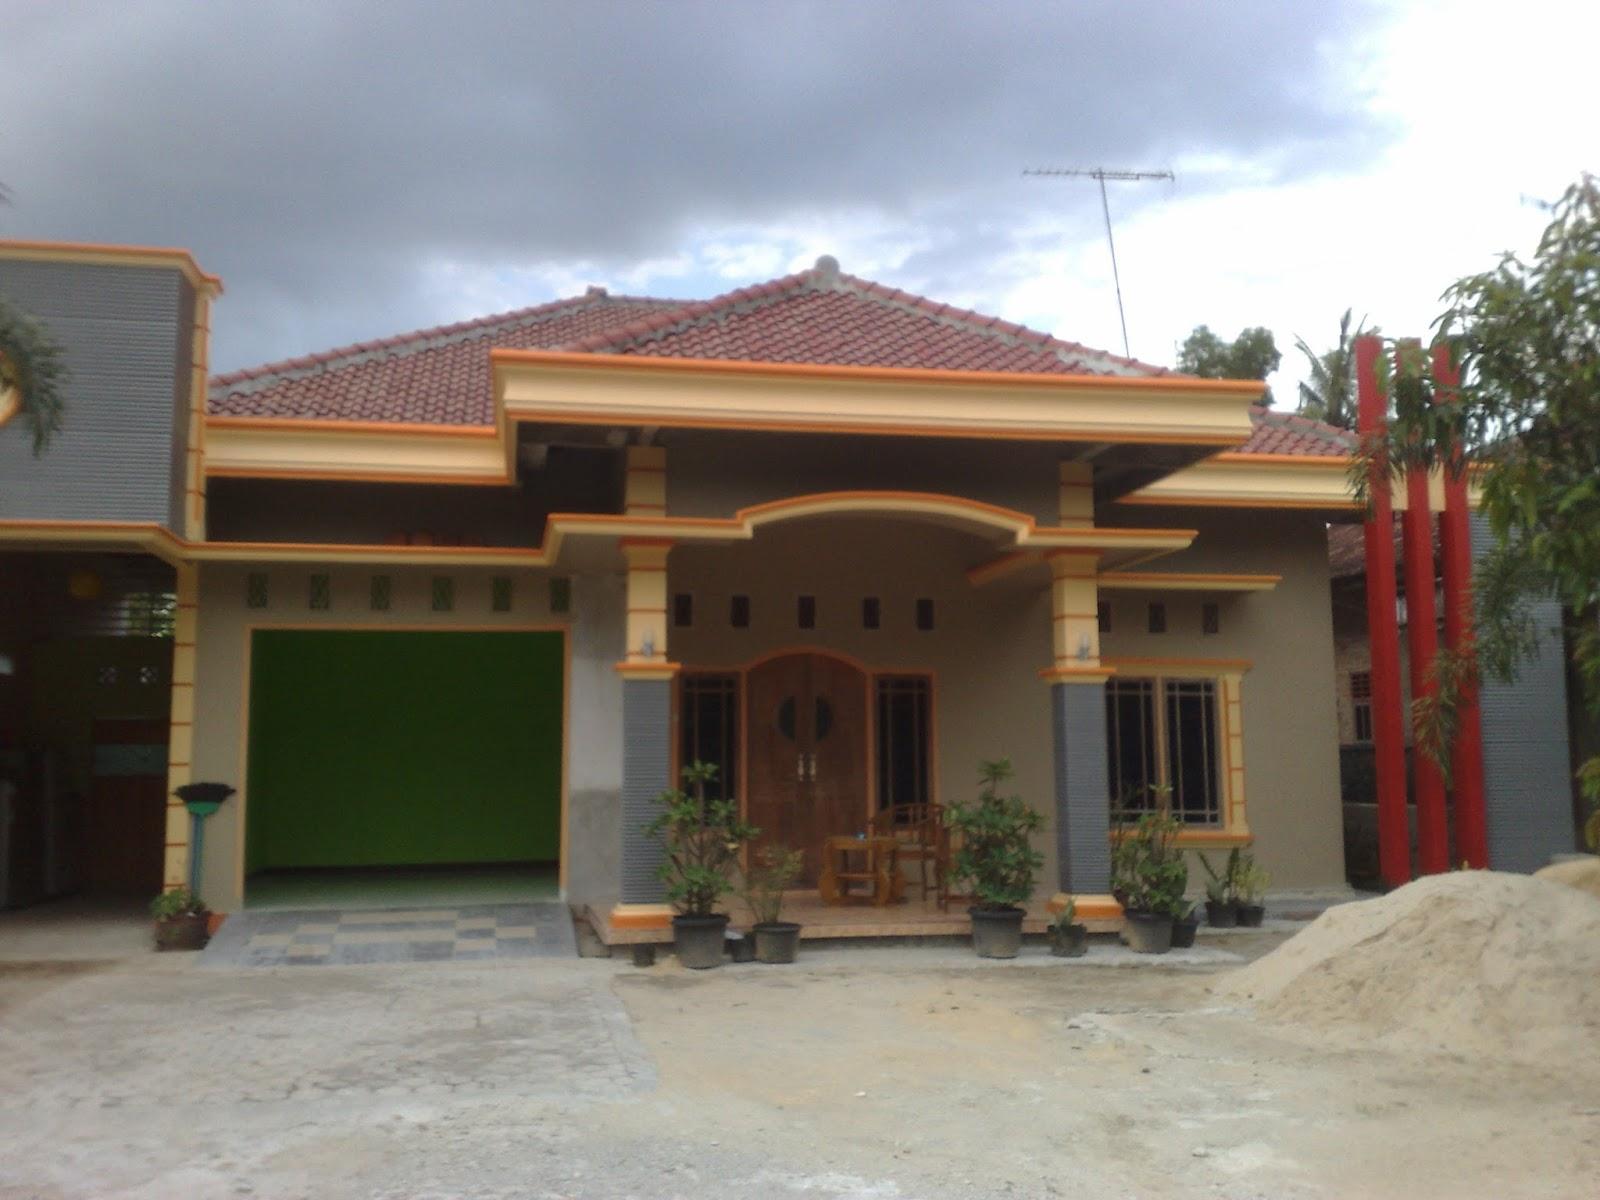 64 Desain Rumah Minimalis Di Kampung